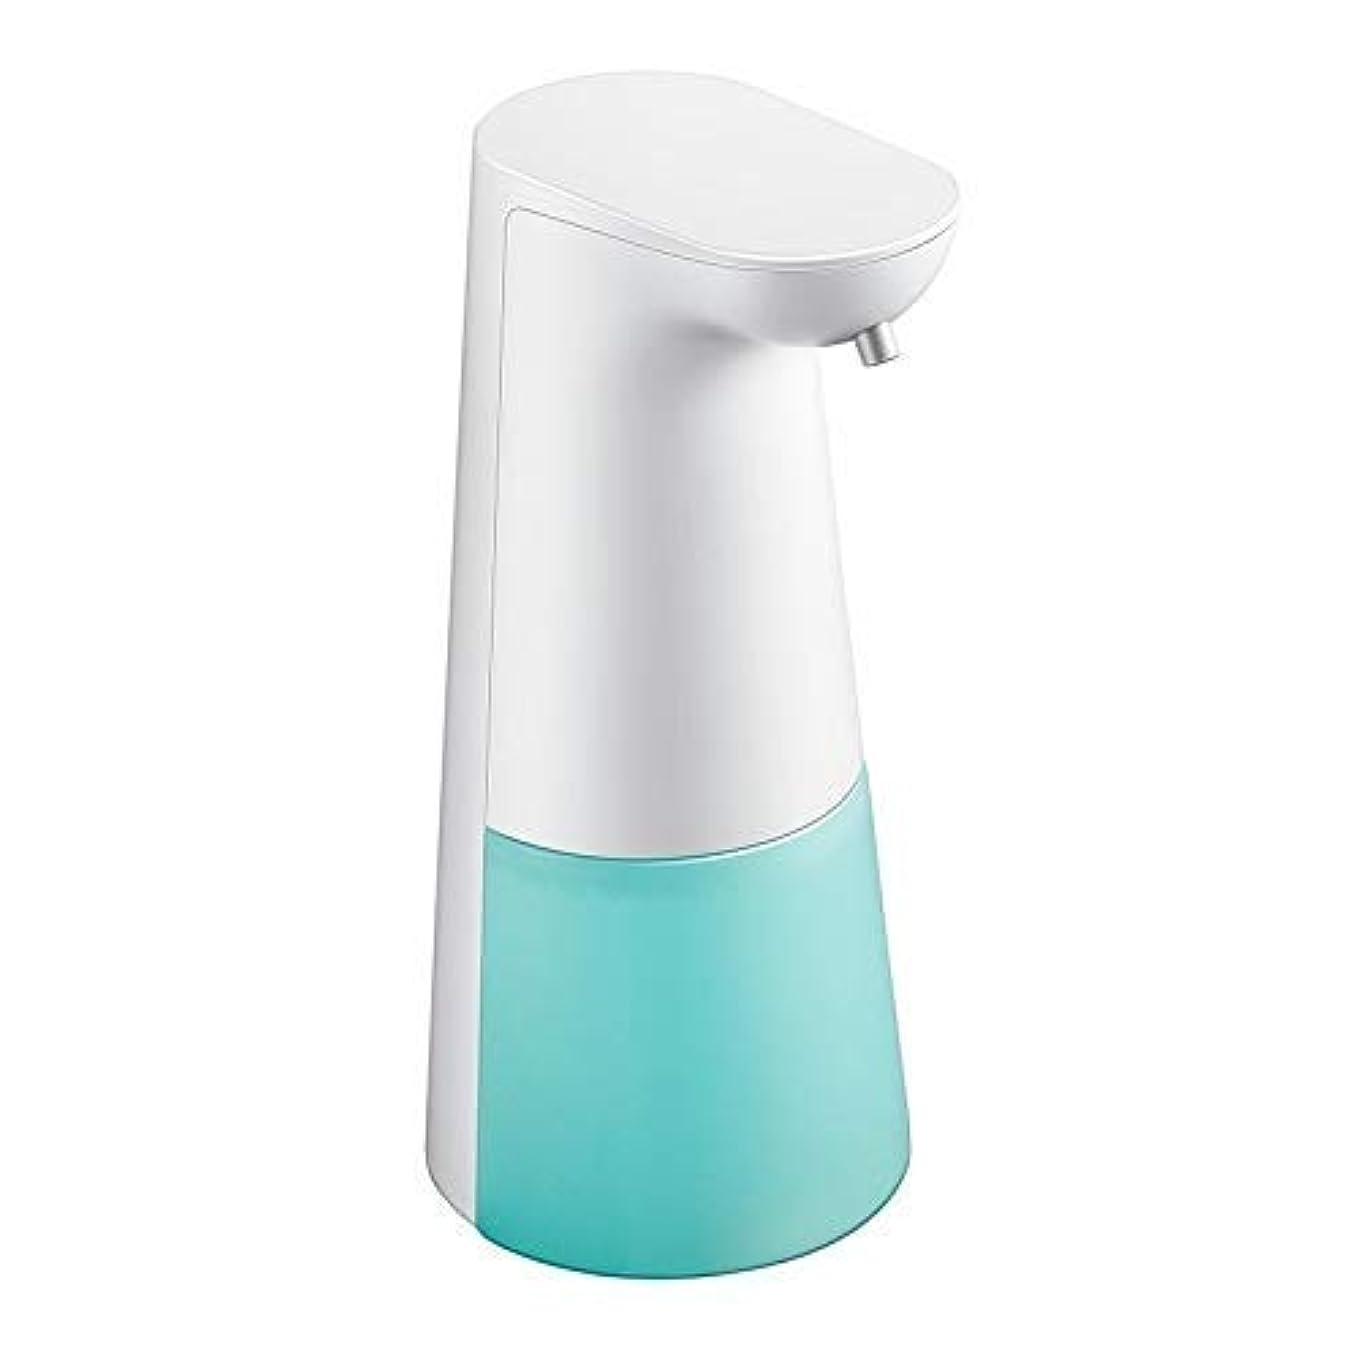 フォーマット傾いた種をまく自動誘導の泡の石鹸機械ホテルの泡の石鹸ディスペンサーの自動手の消毒剤